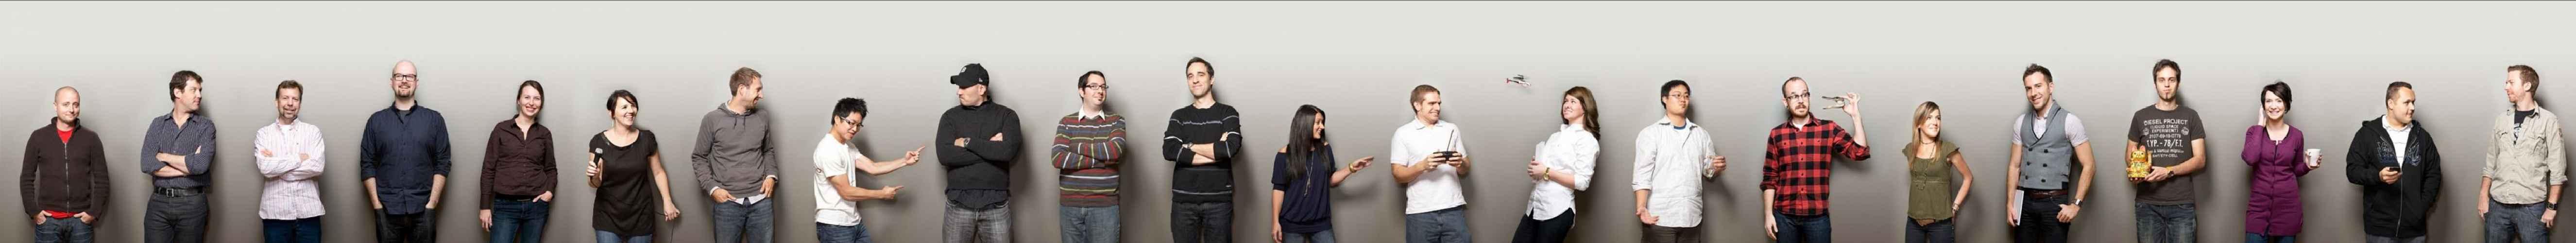 photo of Pie Matrix employees